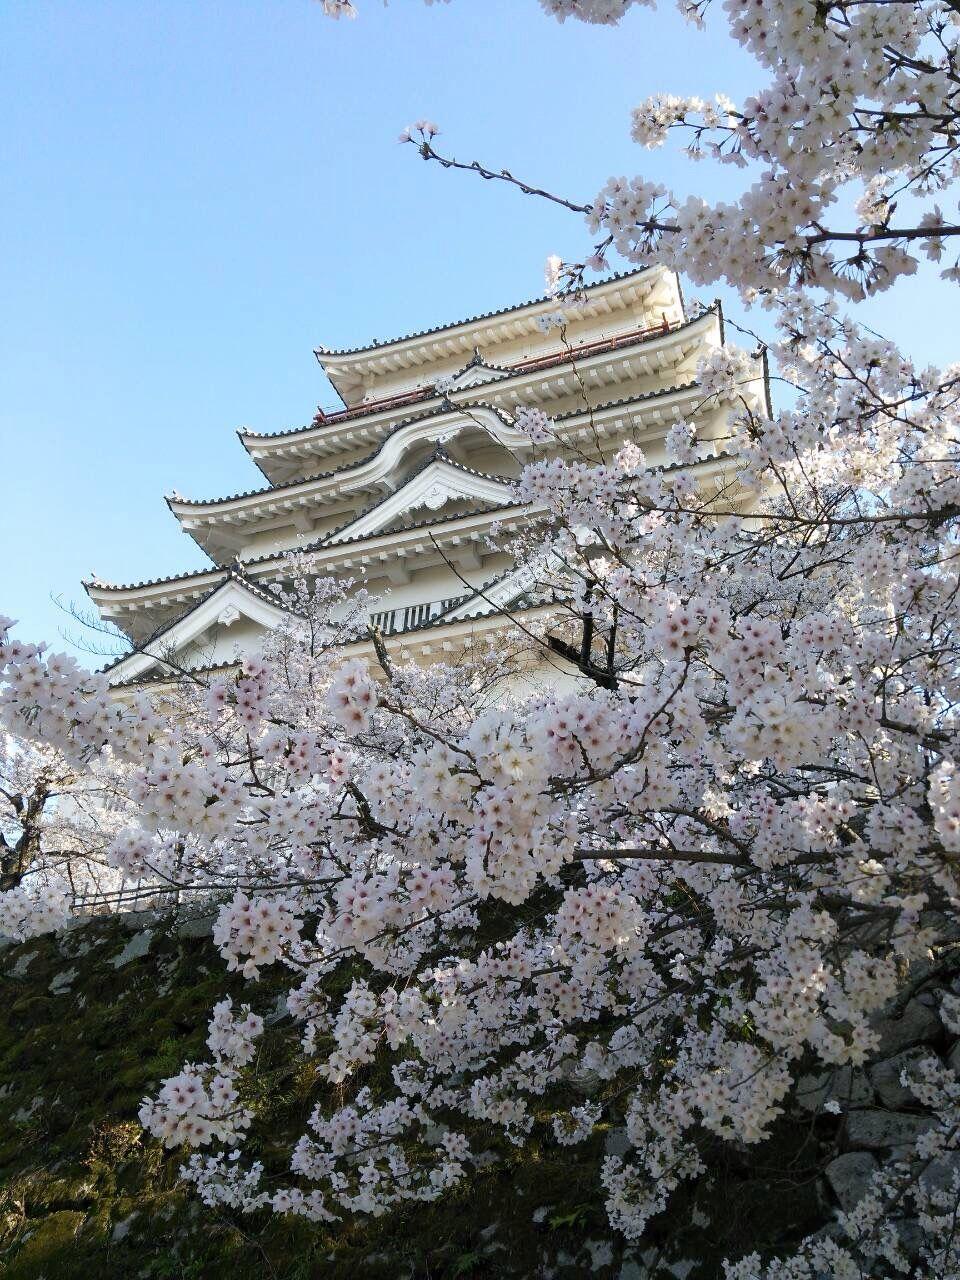 江戸より続く広島の風光明媚な城下町「福山市&福山城」